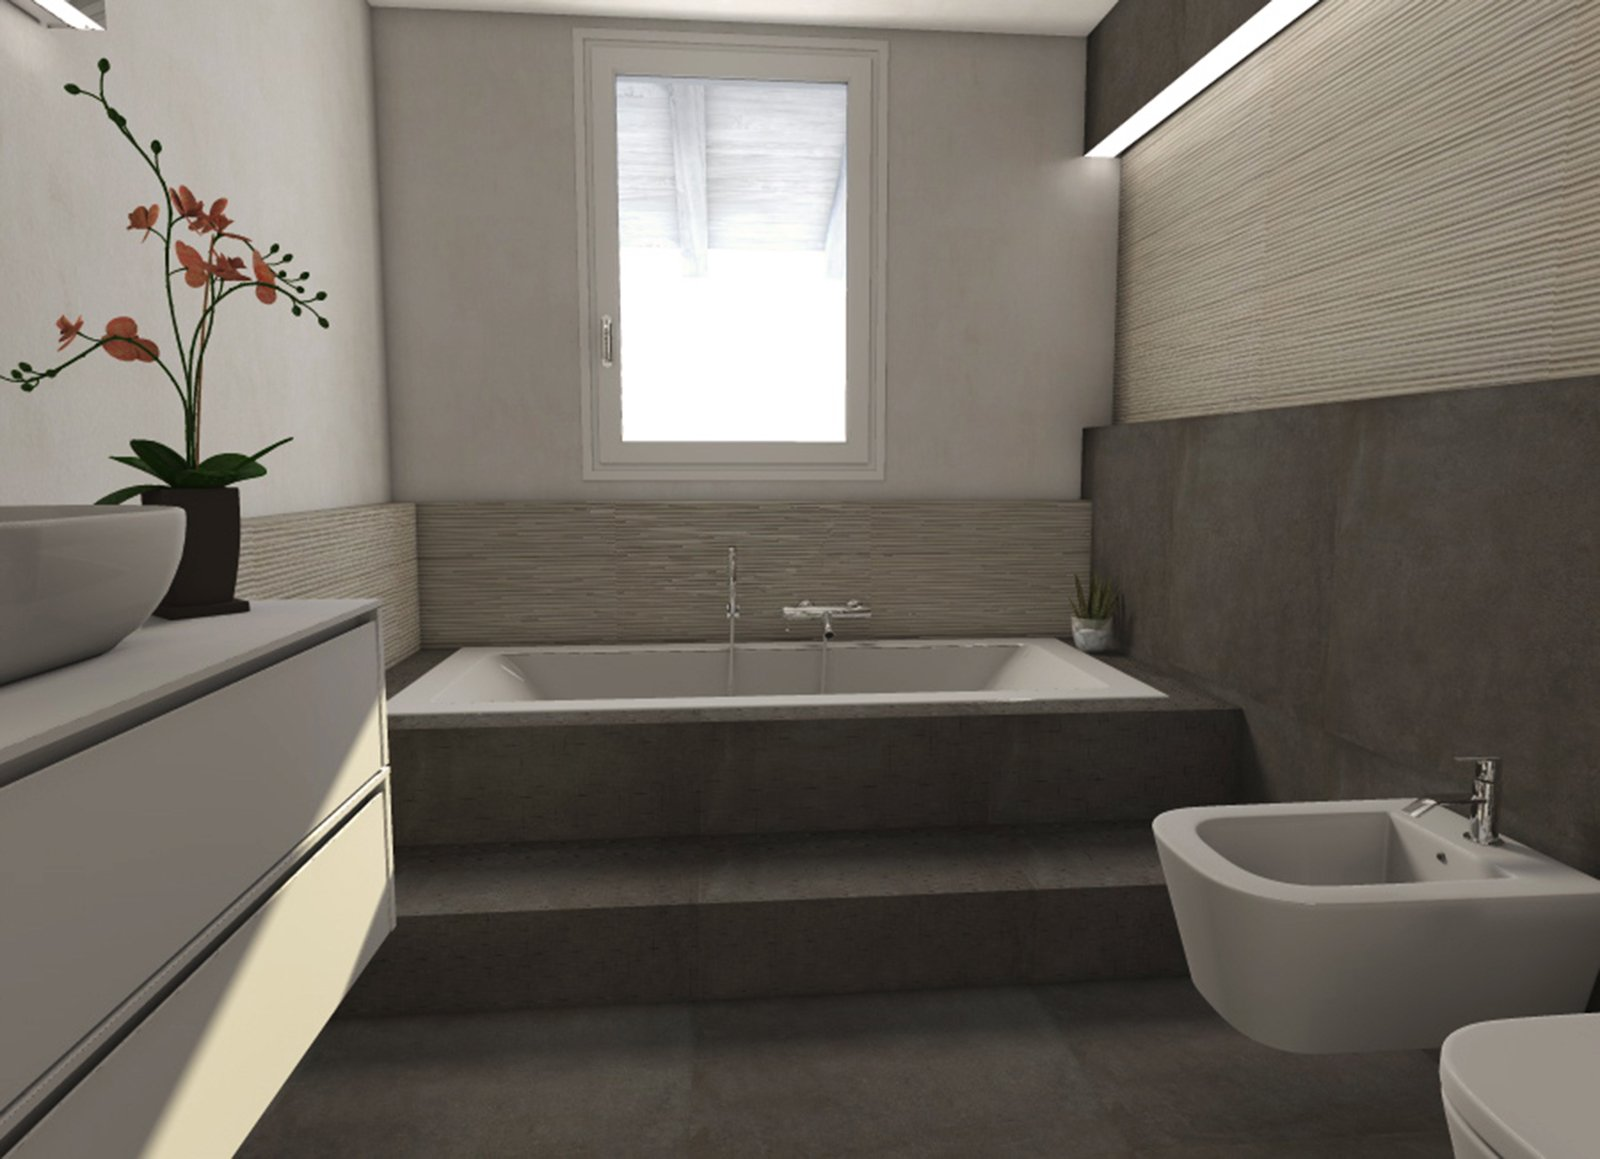 Una mansarda di nuova costruzione un progetto d 39 arredo for Nuova camera da letto dell inghilterra